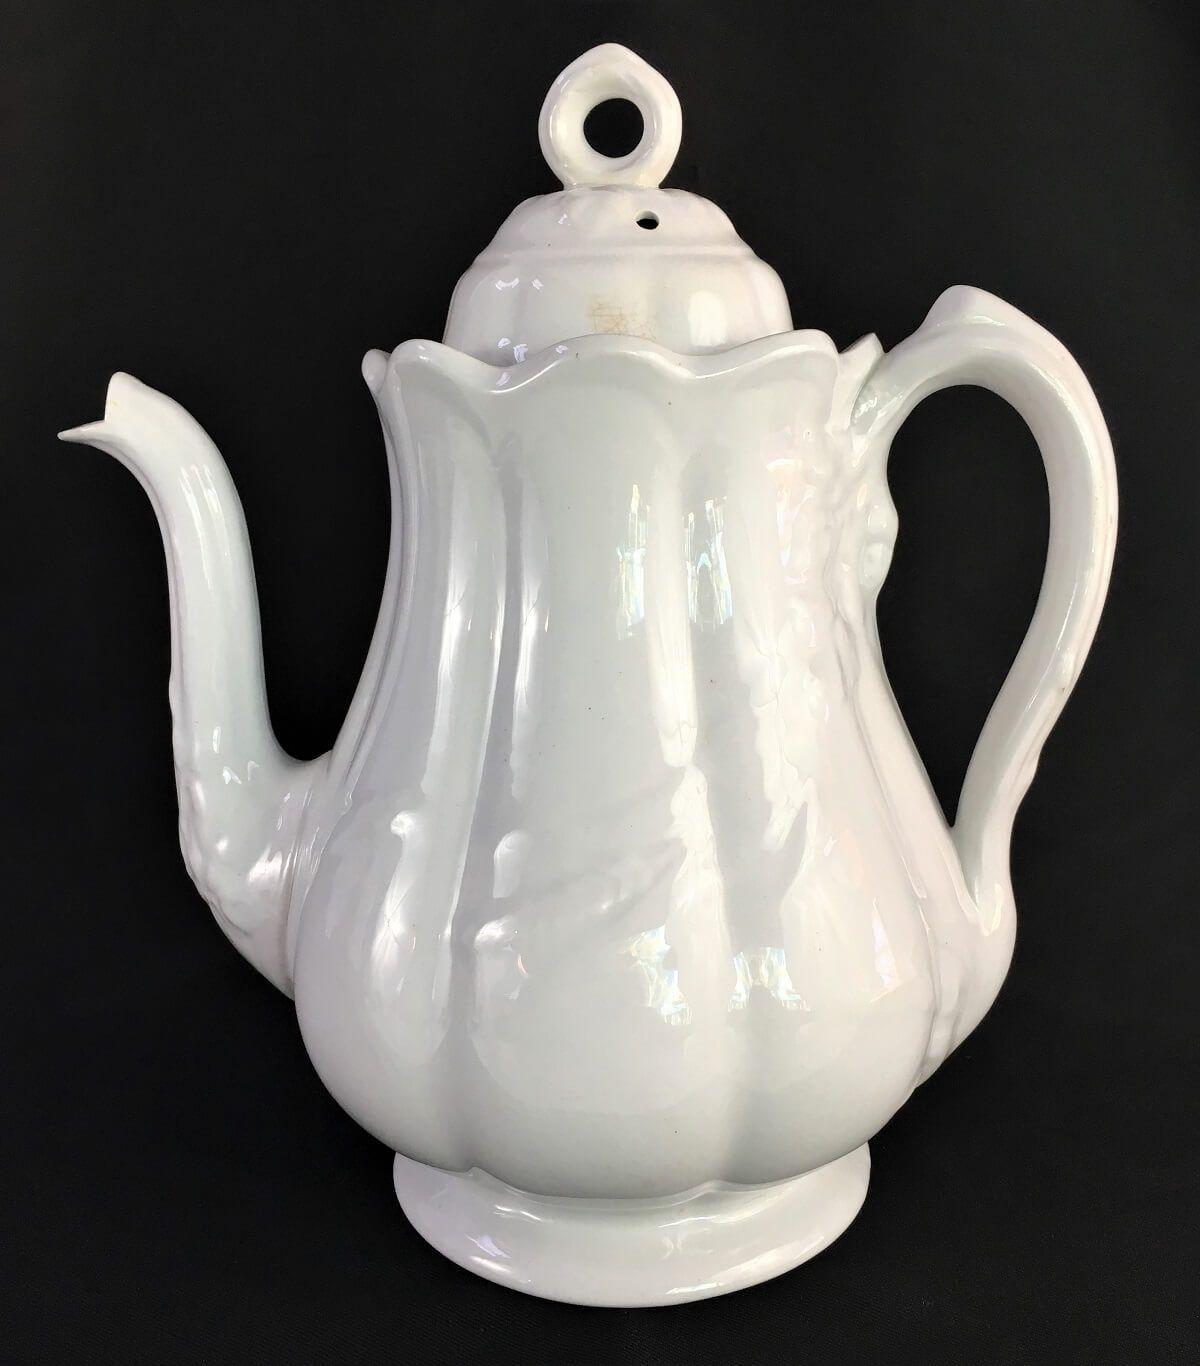 Grande Bule Porcelana Antiga J & G Meakin Ingles